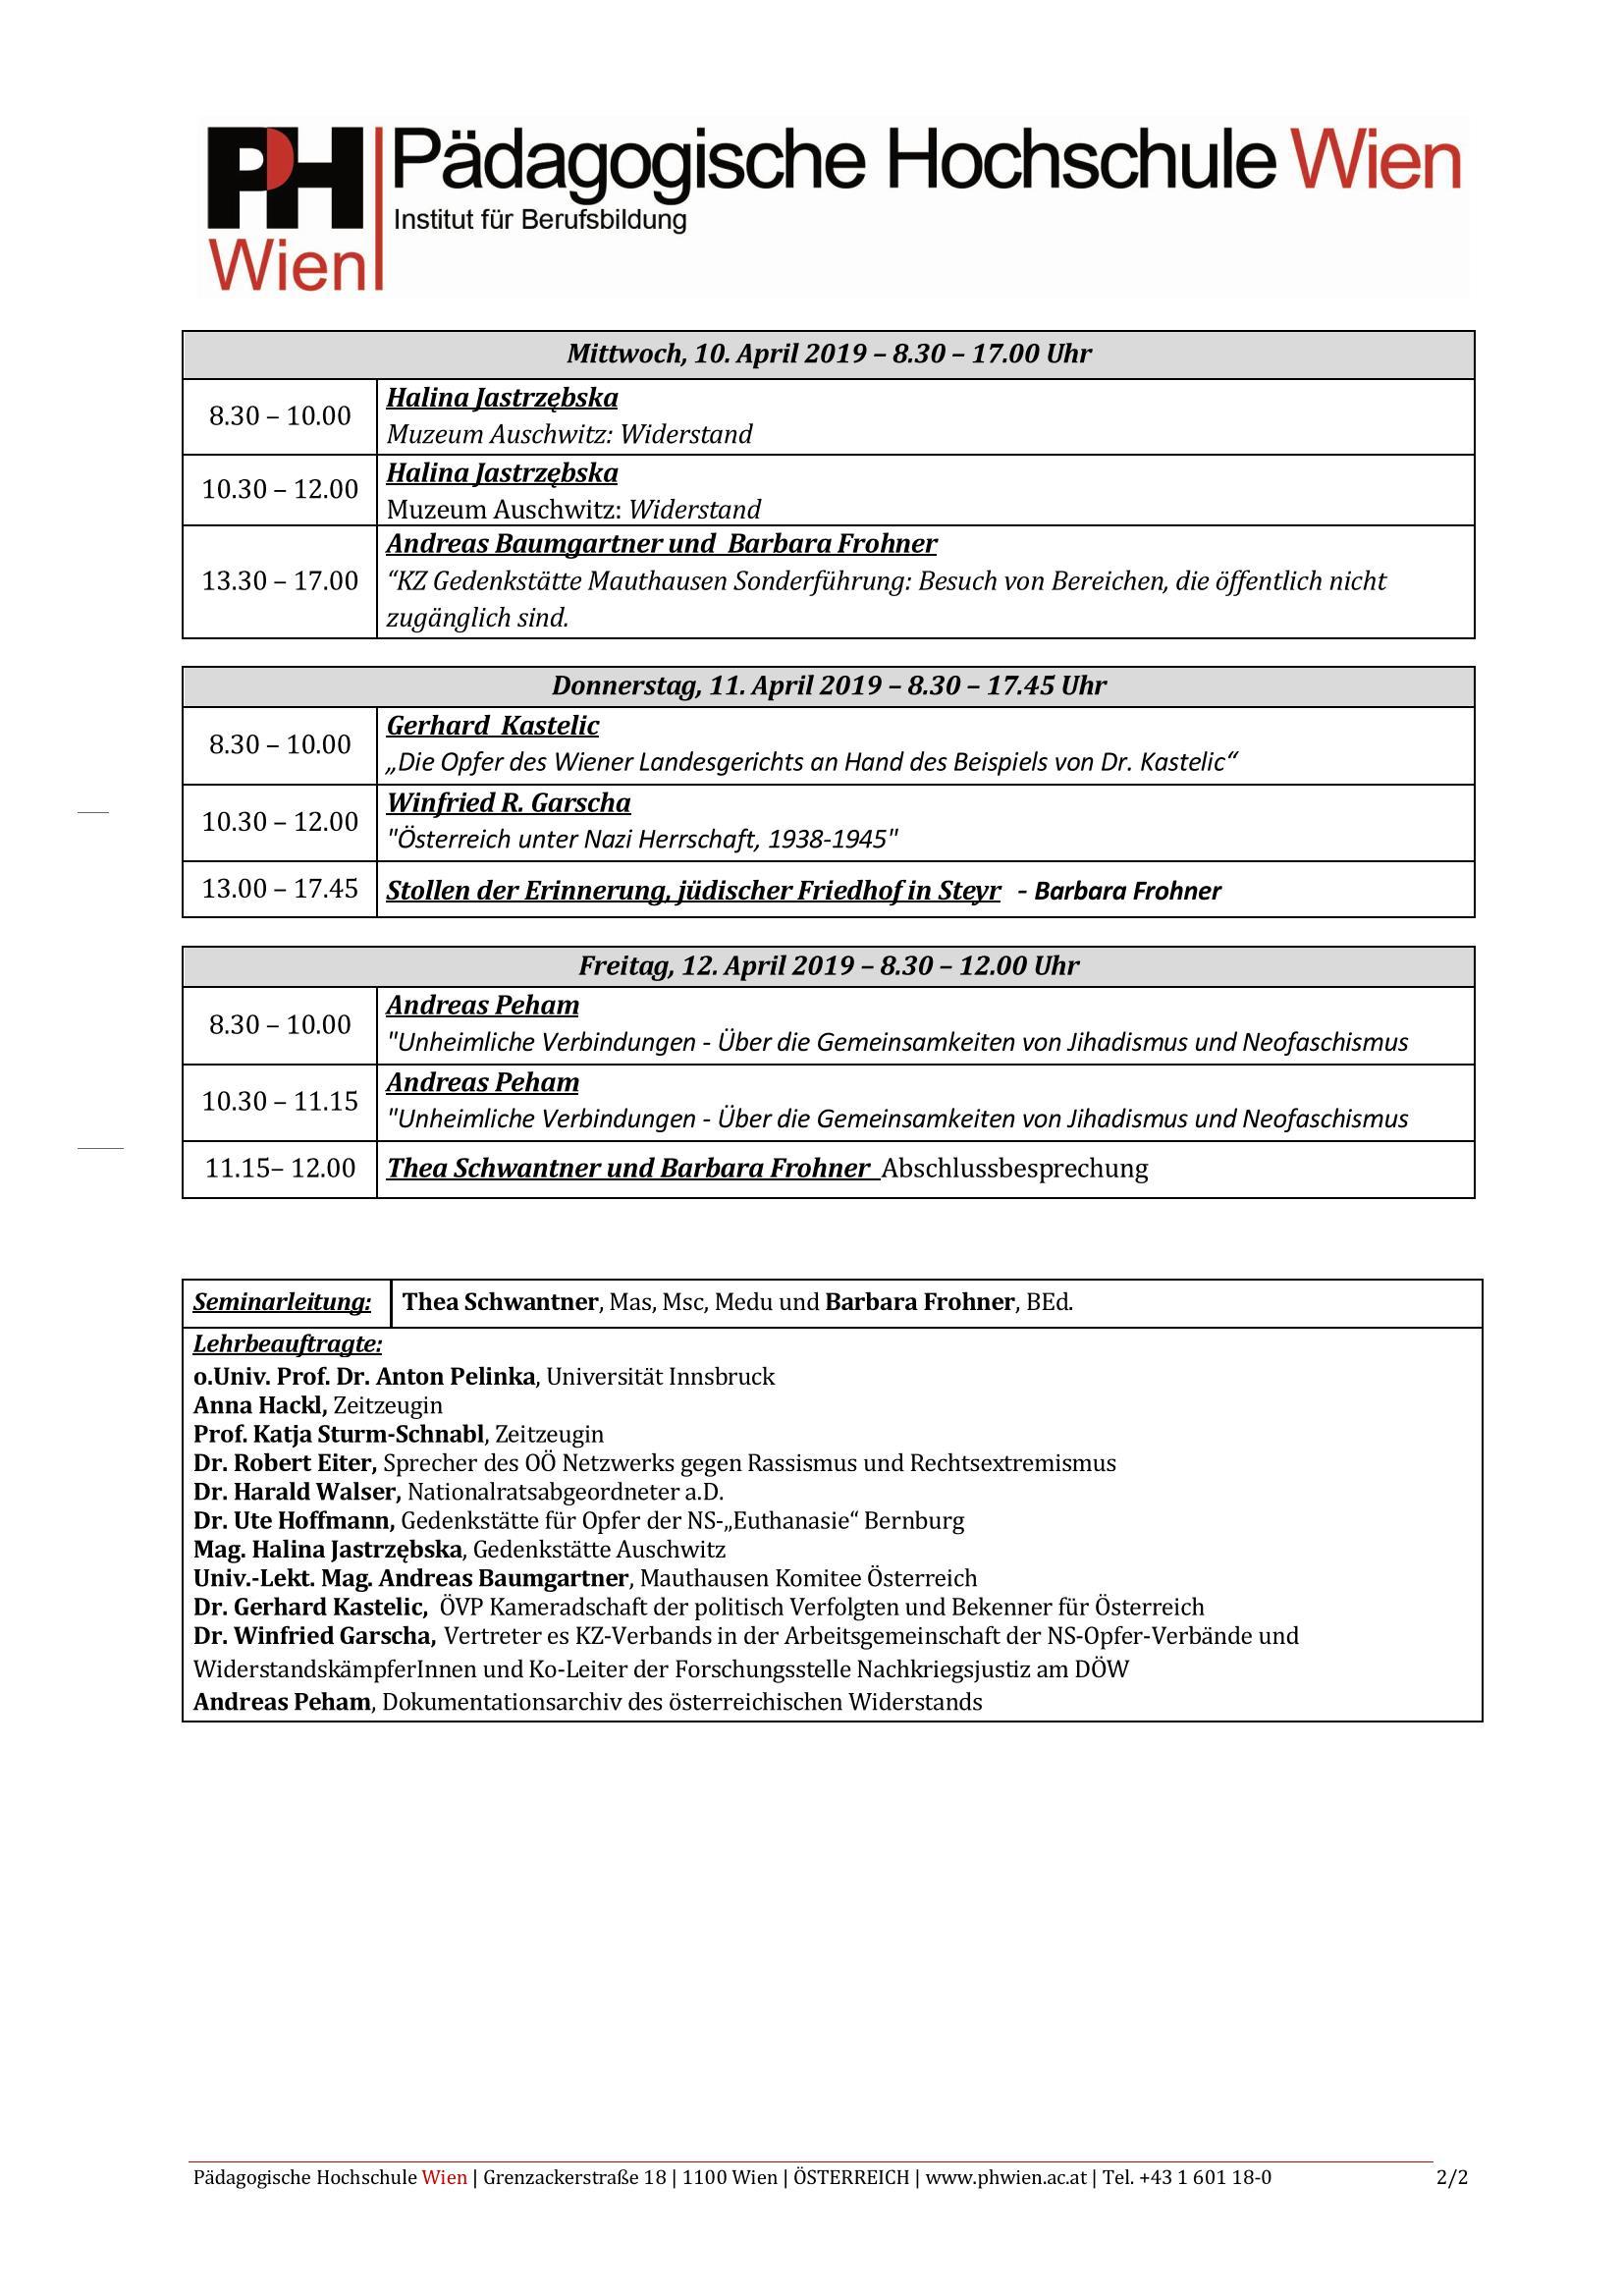 2019-langbein-programm-18022019_page_2